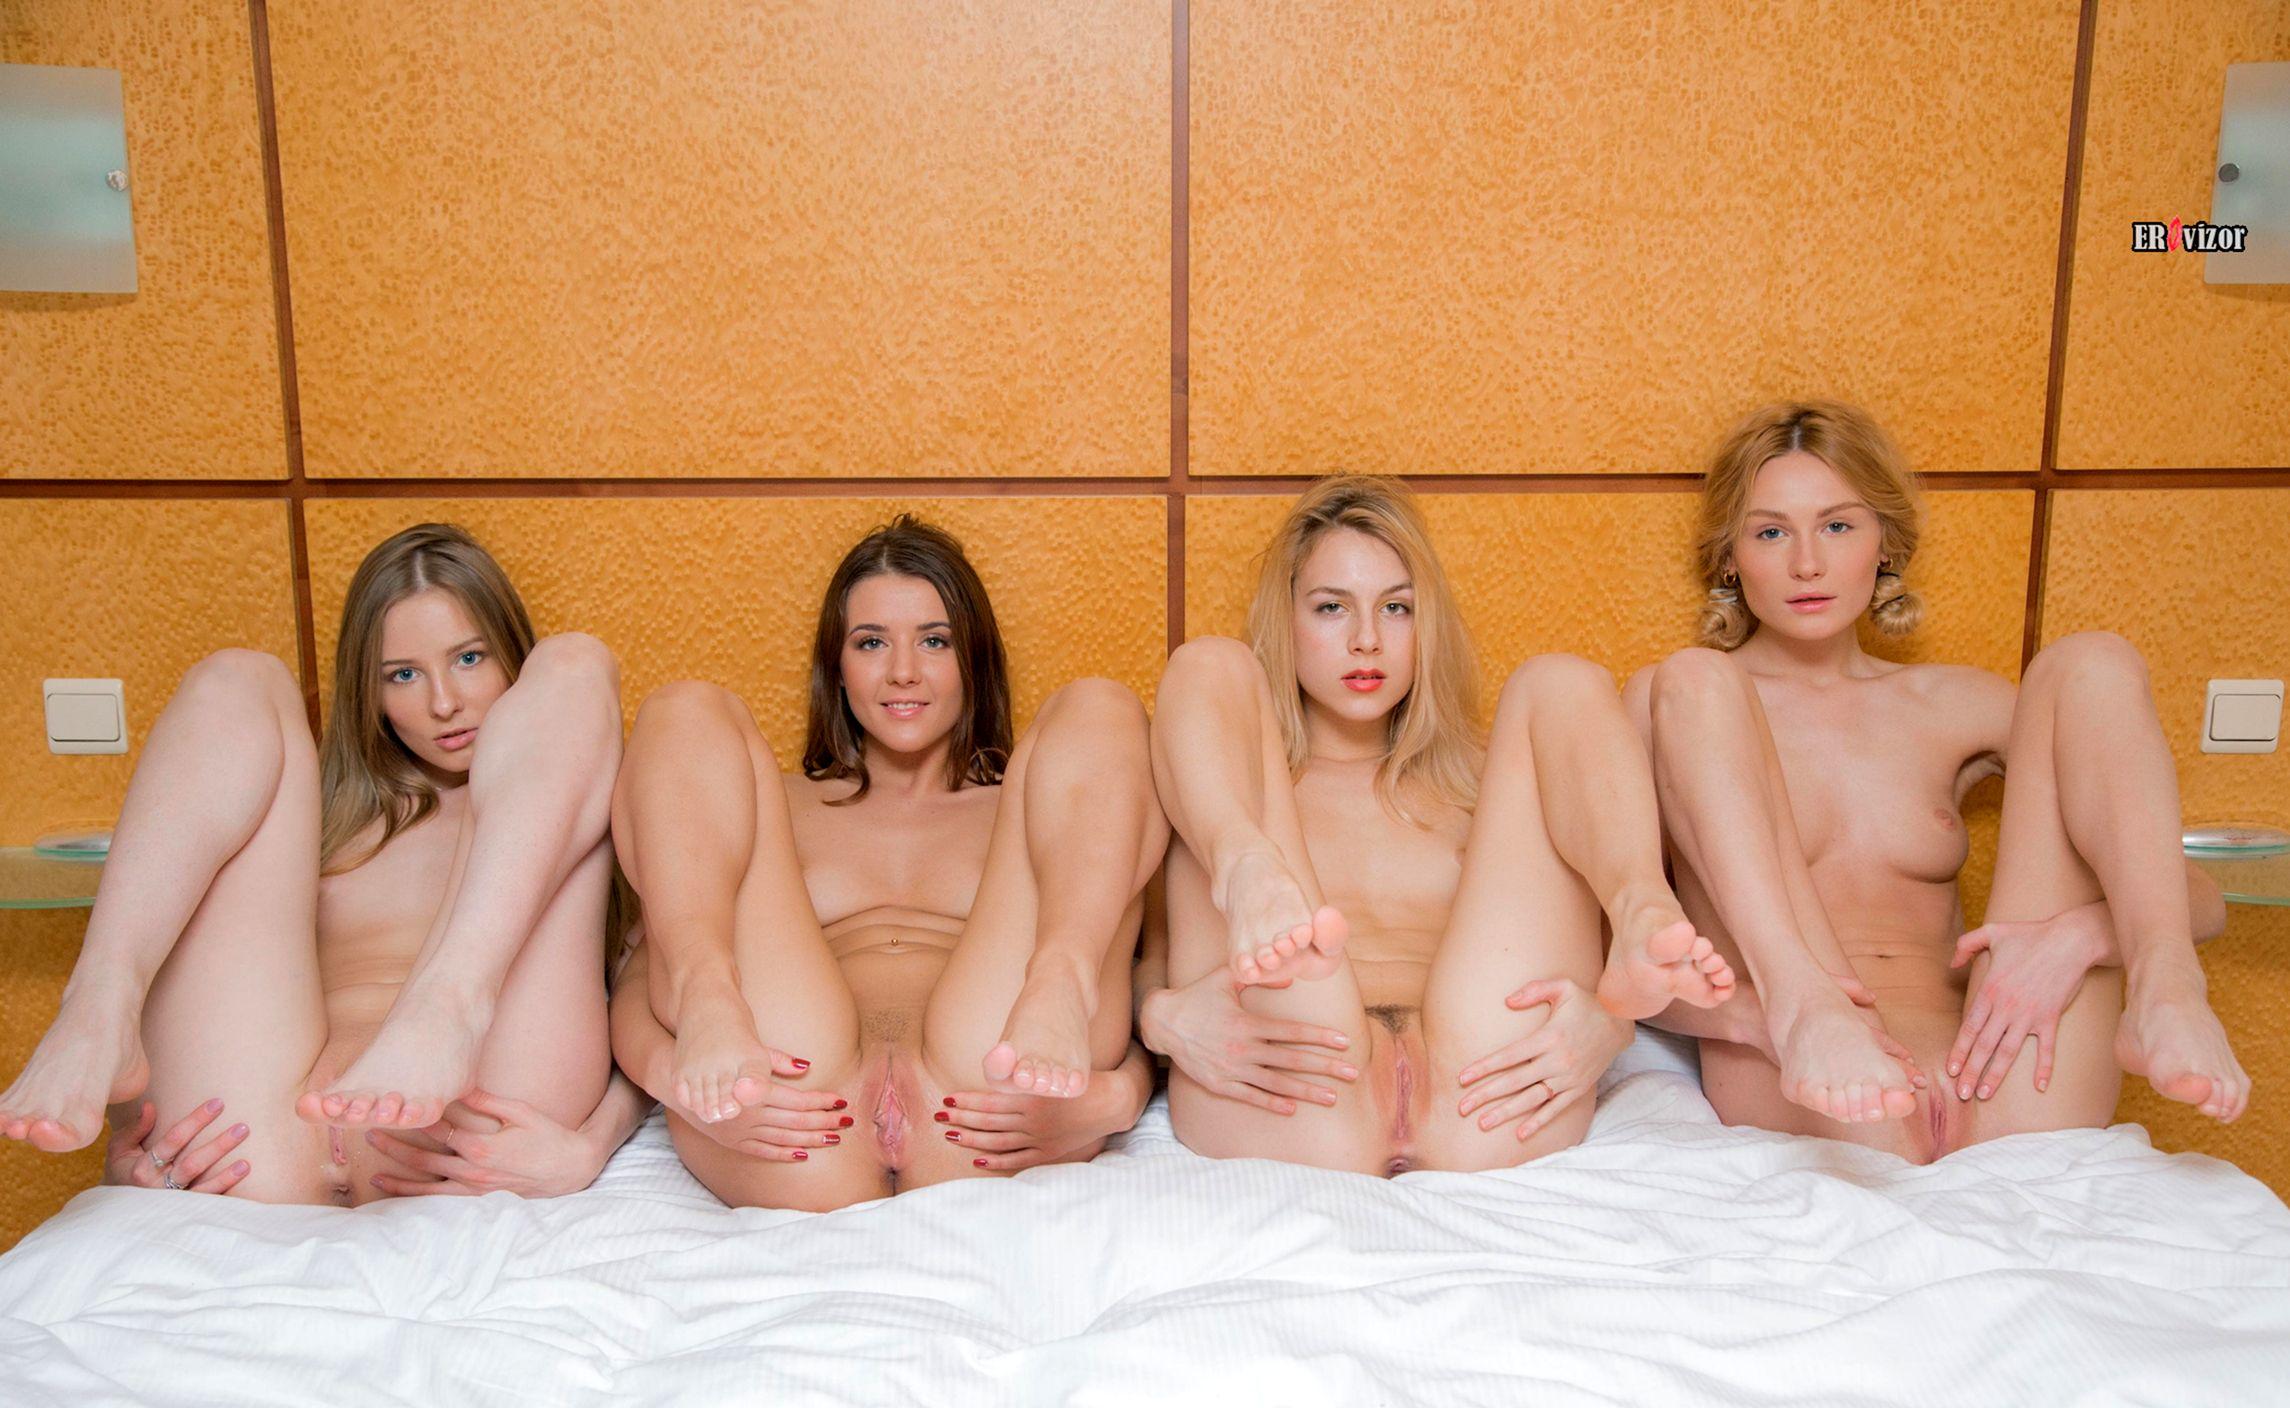 группа голых девушек раздвигает ножки